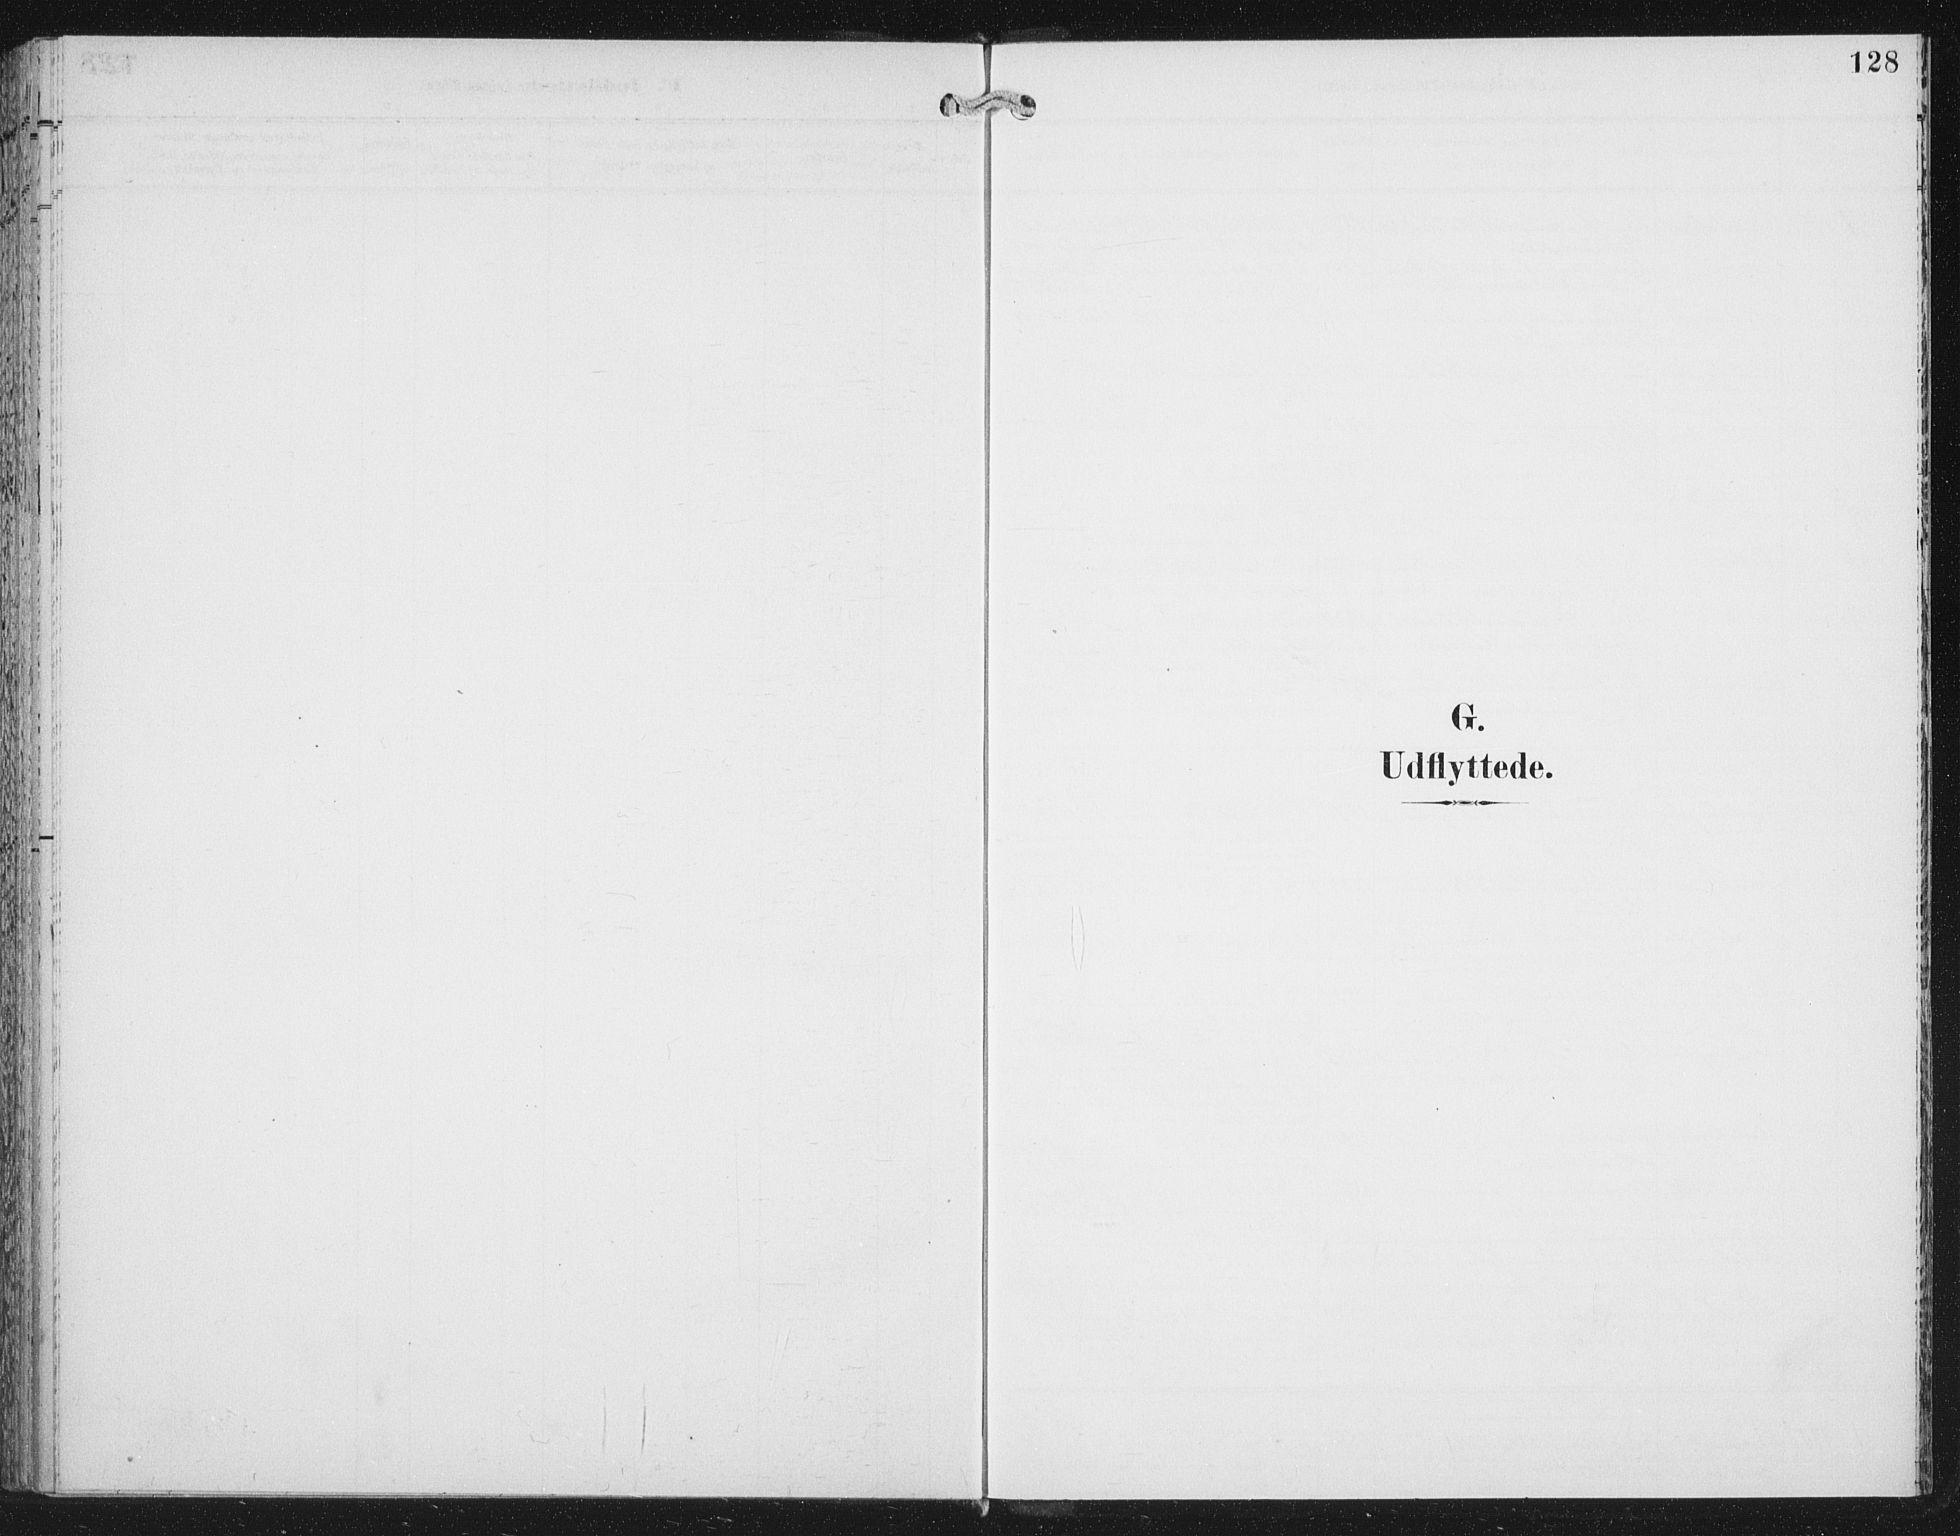 SAT, Ministerialprotokoller, klokkerbøker og fødselsregistre - Nord-Trøndelag, 702/L0024: Parish register (official) no. 702A02, 1898-1914, p. 128